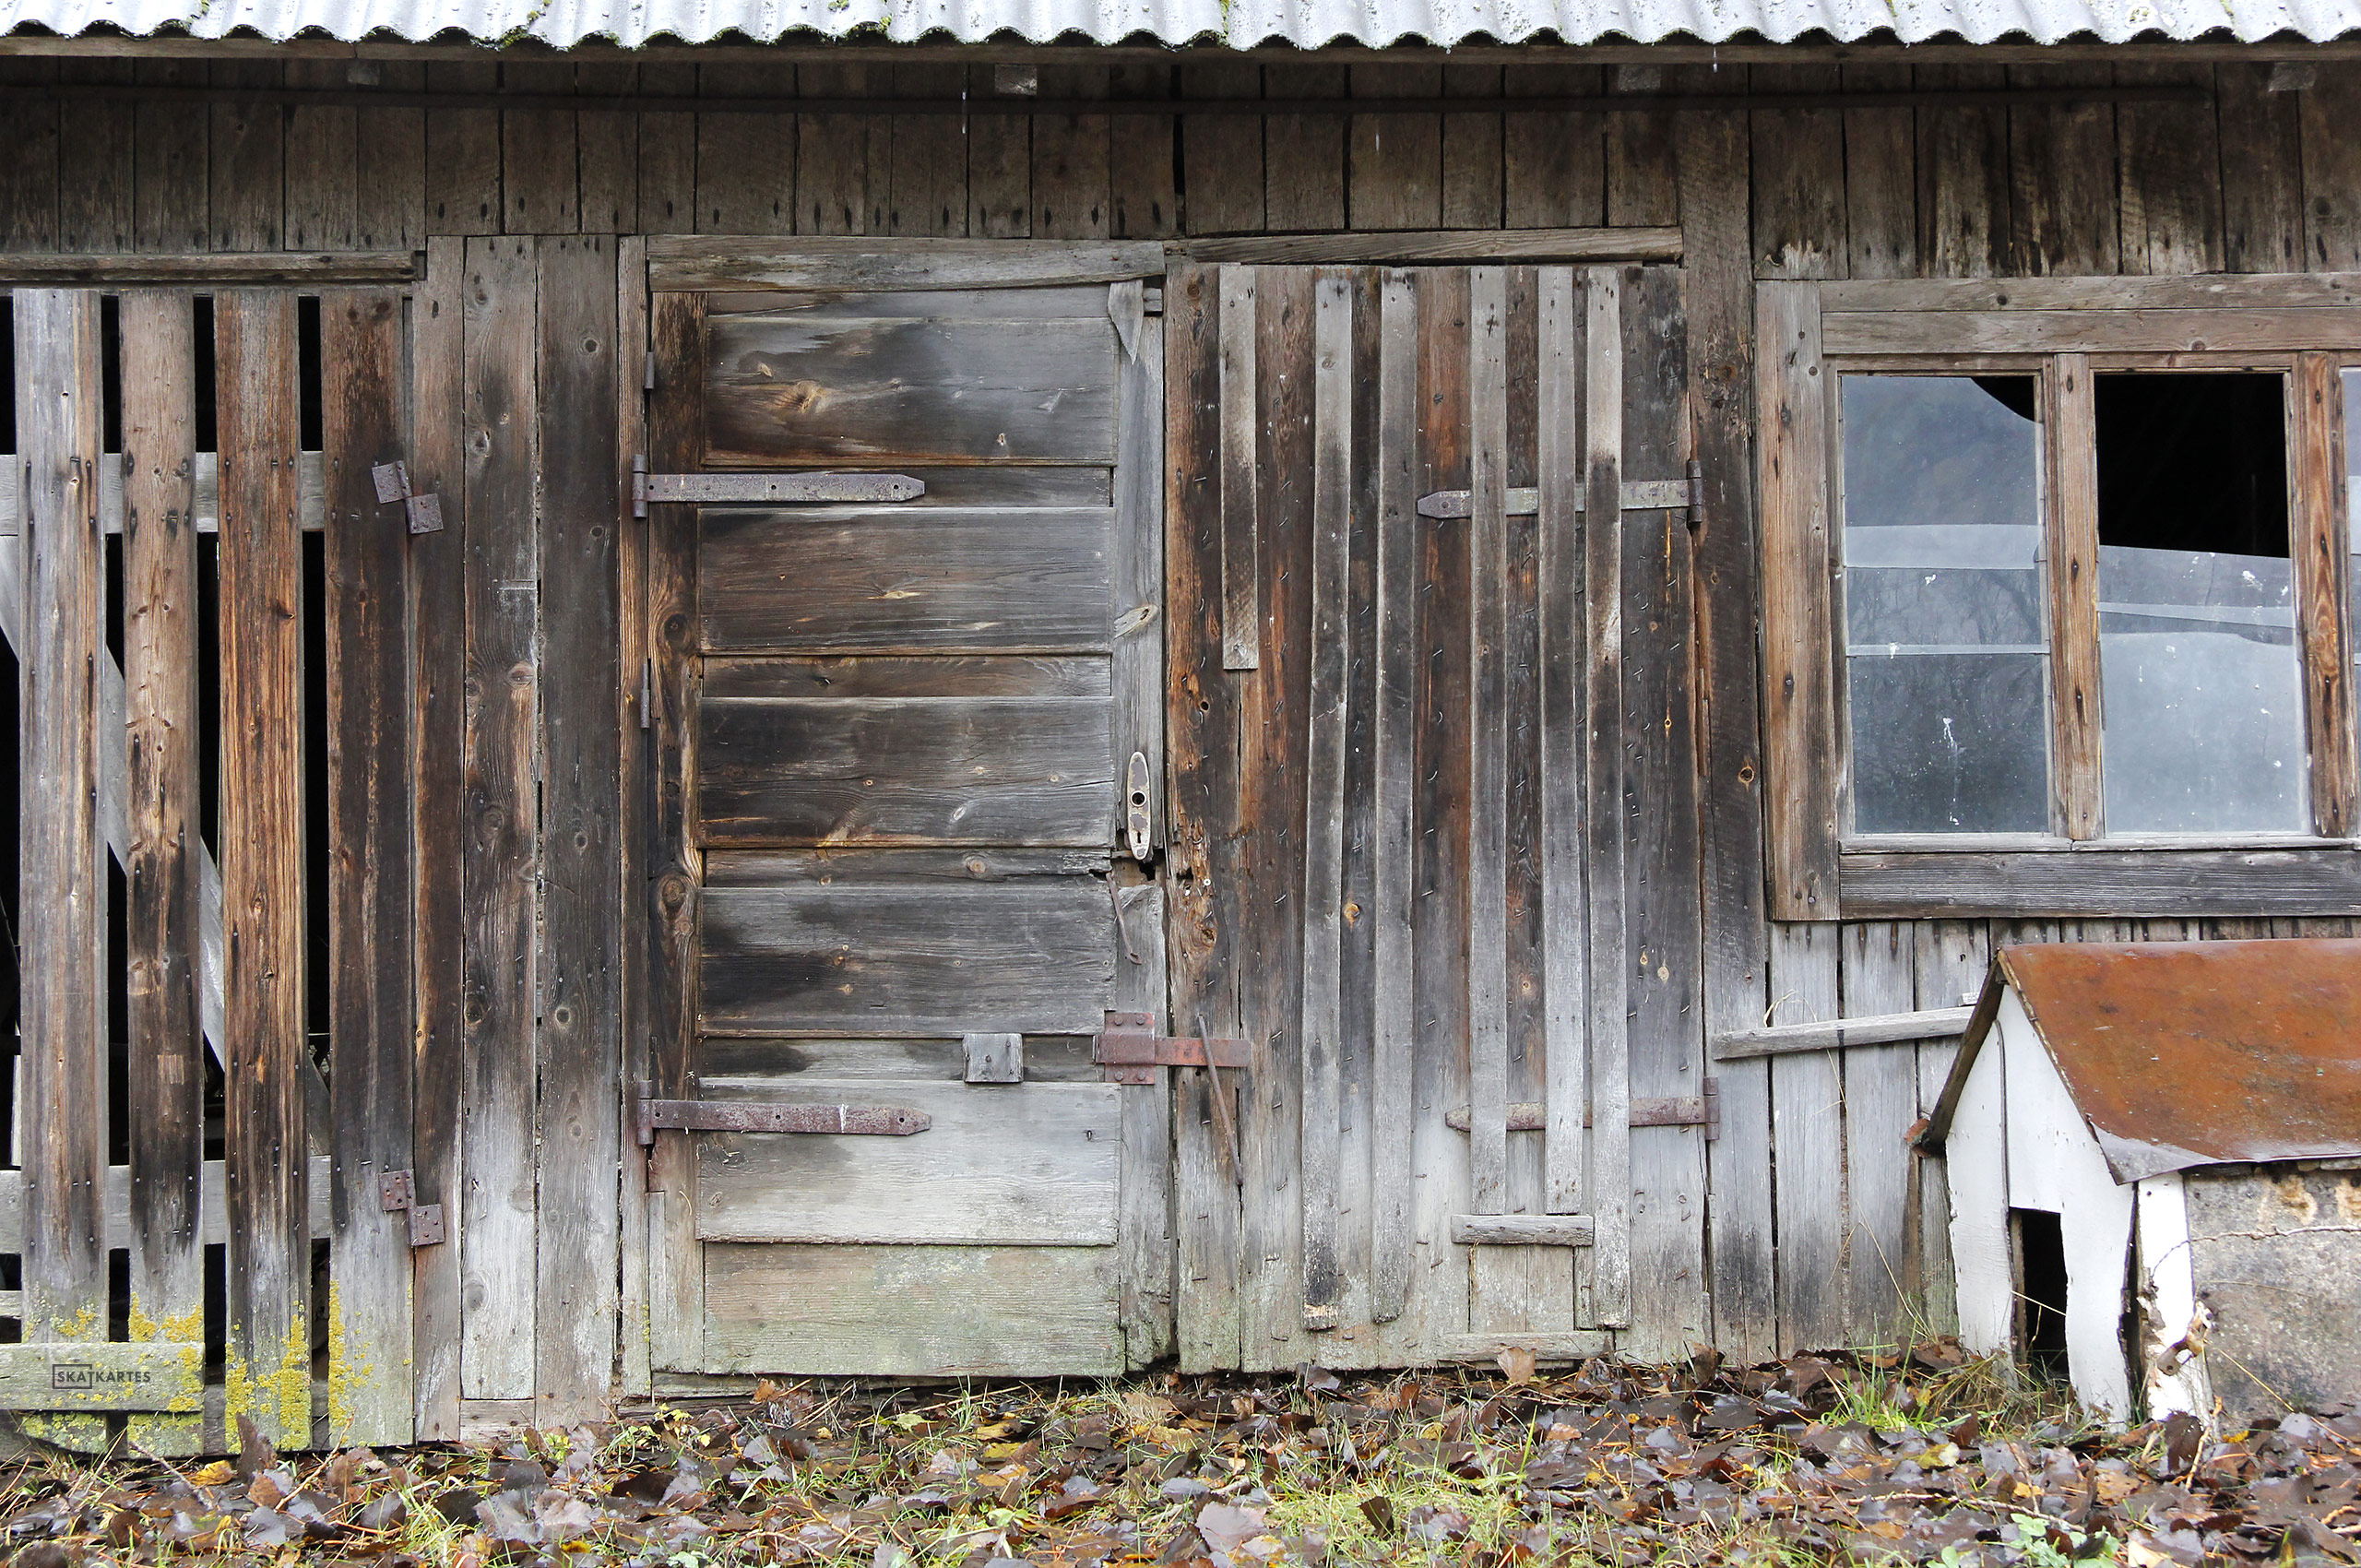 Latvija, Rīgas reģions, Ropažu novads, Podkāji, Tumšupe, šķūnis, ziema, tuvplāns, ēka, logs, vecs, celtne, jumts, pagalms, durvis, būda, koks, slēdzene, pelēks, sarkans, balts, brūns, 2015, ekrāntapete, wallpaper, fotogrāfija,